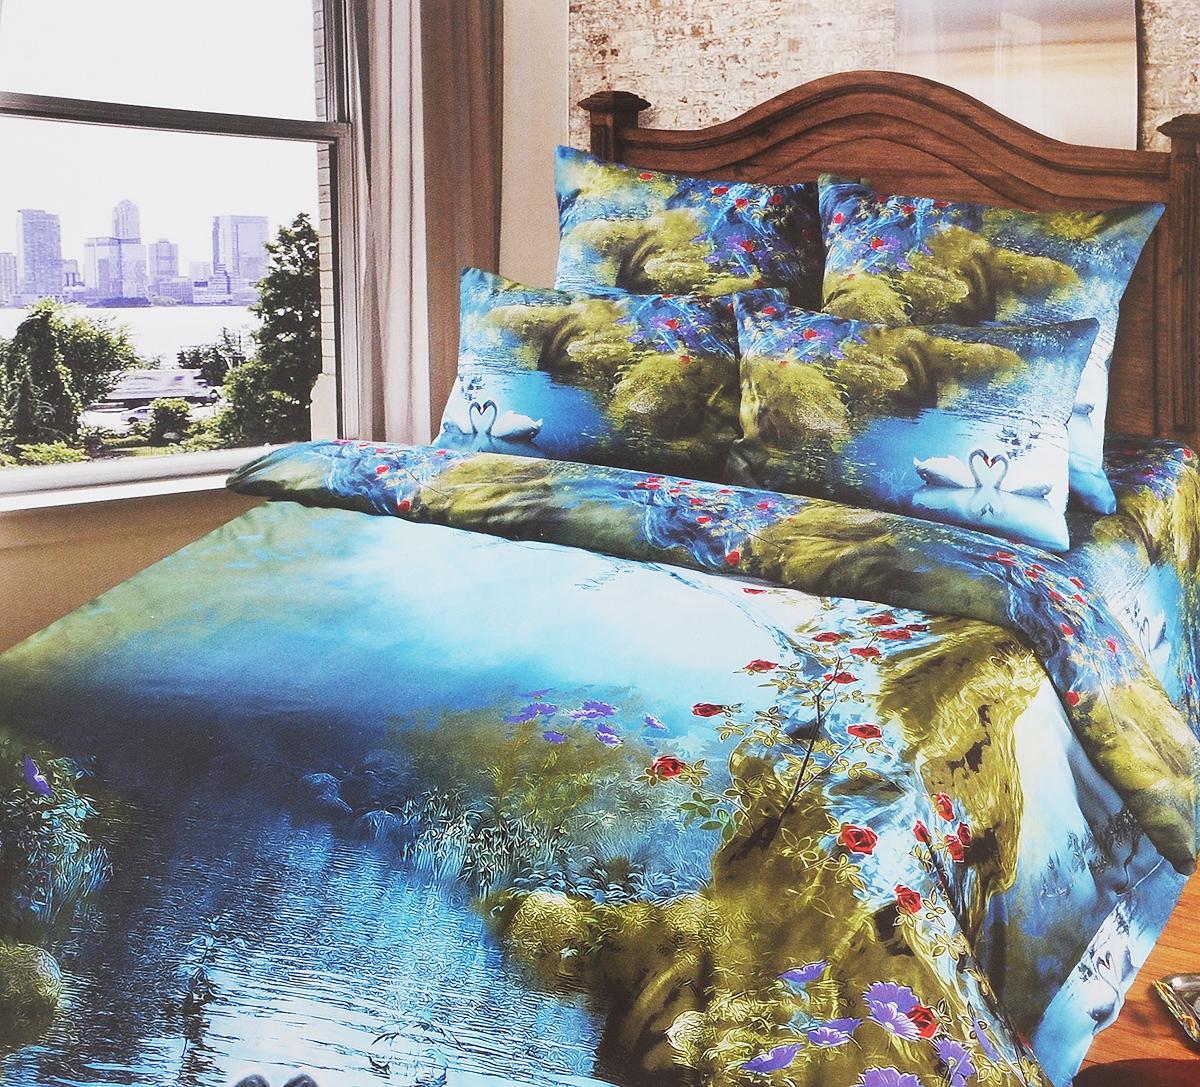 Комплект белья Арт Постель Лебеди, 1,5-спальный, наволочки 50х70 и 70x70, цвет: голубой, зеленый, красный735Комплект белья Арт Постель Лебеди, выполненный из сатина (100% хлопка) и купона, создан для ценителей комфорта и роскоши. Комплект состоит из двух пододеяльников на молнии, простыни и четырех наволочек. Постельное белье имеет изысканный внешний вид, а также обладает яркостью и сочностью цвета. Набивные (печатные) ткани - это ткани, имеющие на поверхности печатный набивной рисунок. Иными словами, происходит набивка цветного узора по уже готовой гладкой ткани, чаще всего с помощью тканепечатающих машин. К набивным тканям относятся купонные ткани. Купон (купонная ткань) - это крупный рисунок по краю ткани, который плавно уменьшается к середине полотна. Элементы рисунка купонной ткани ритмично уменьшаются и плавно перетекают в основной фон. Сатин - производится из высших сортов хлопка, а своим блеском и легкостью напоминает шелк. Постельное белье из сатина превращает жаркие летние ночи в прохладные и освежающие, а холодные зимние - в...